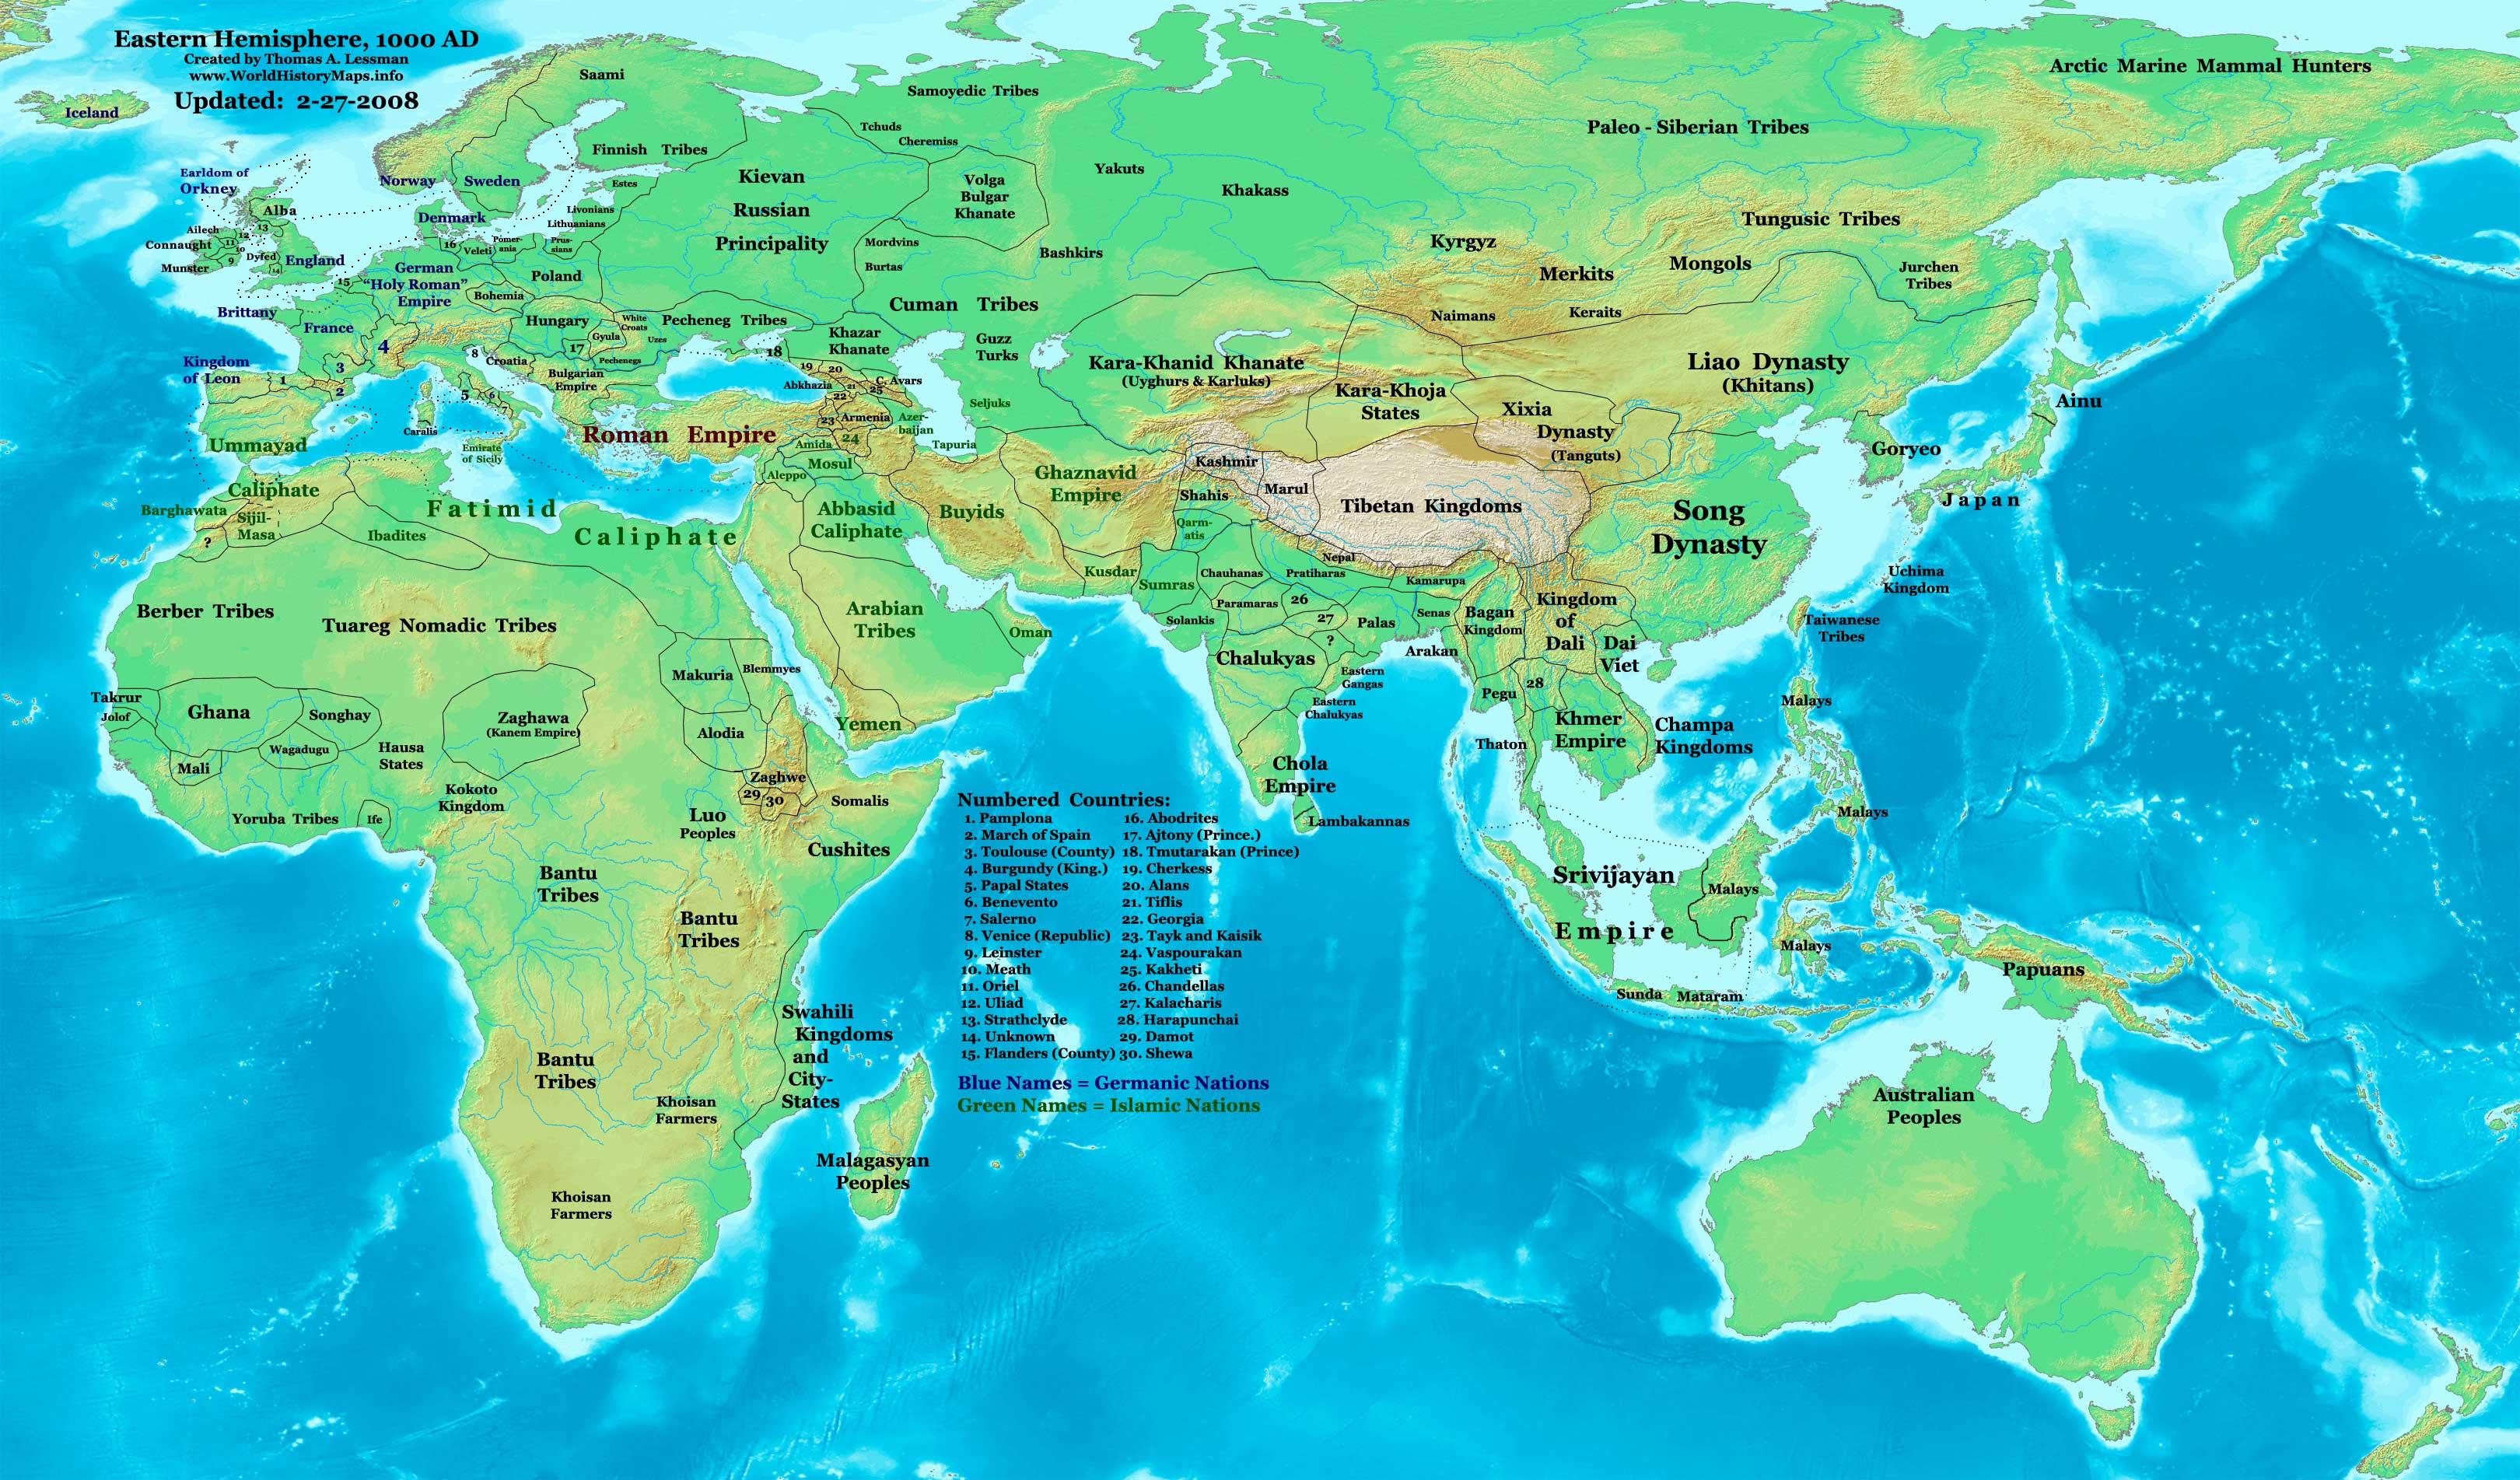 http://worldhistorymaps.info/images/East-Hem_1000ad.jpg